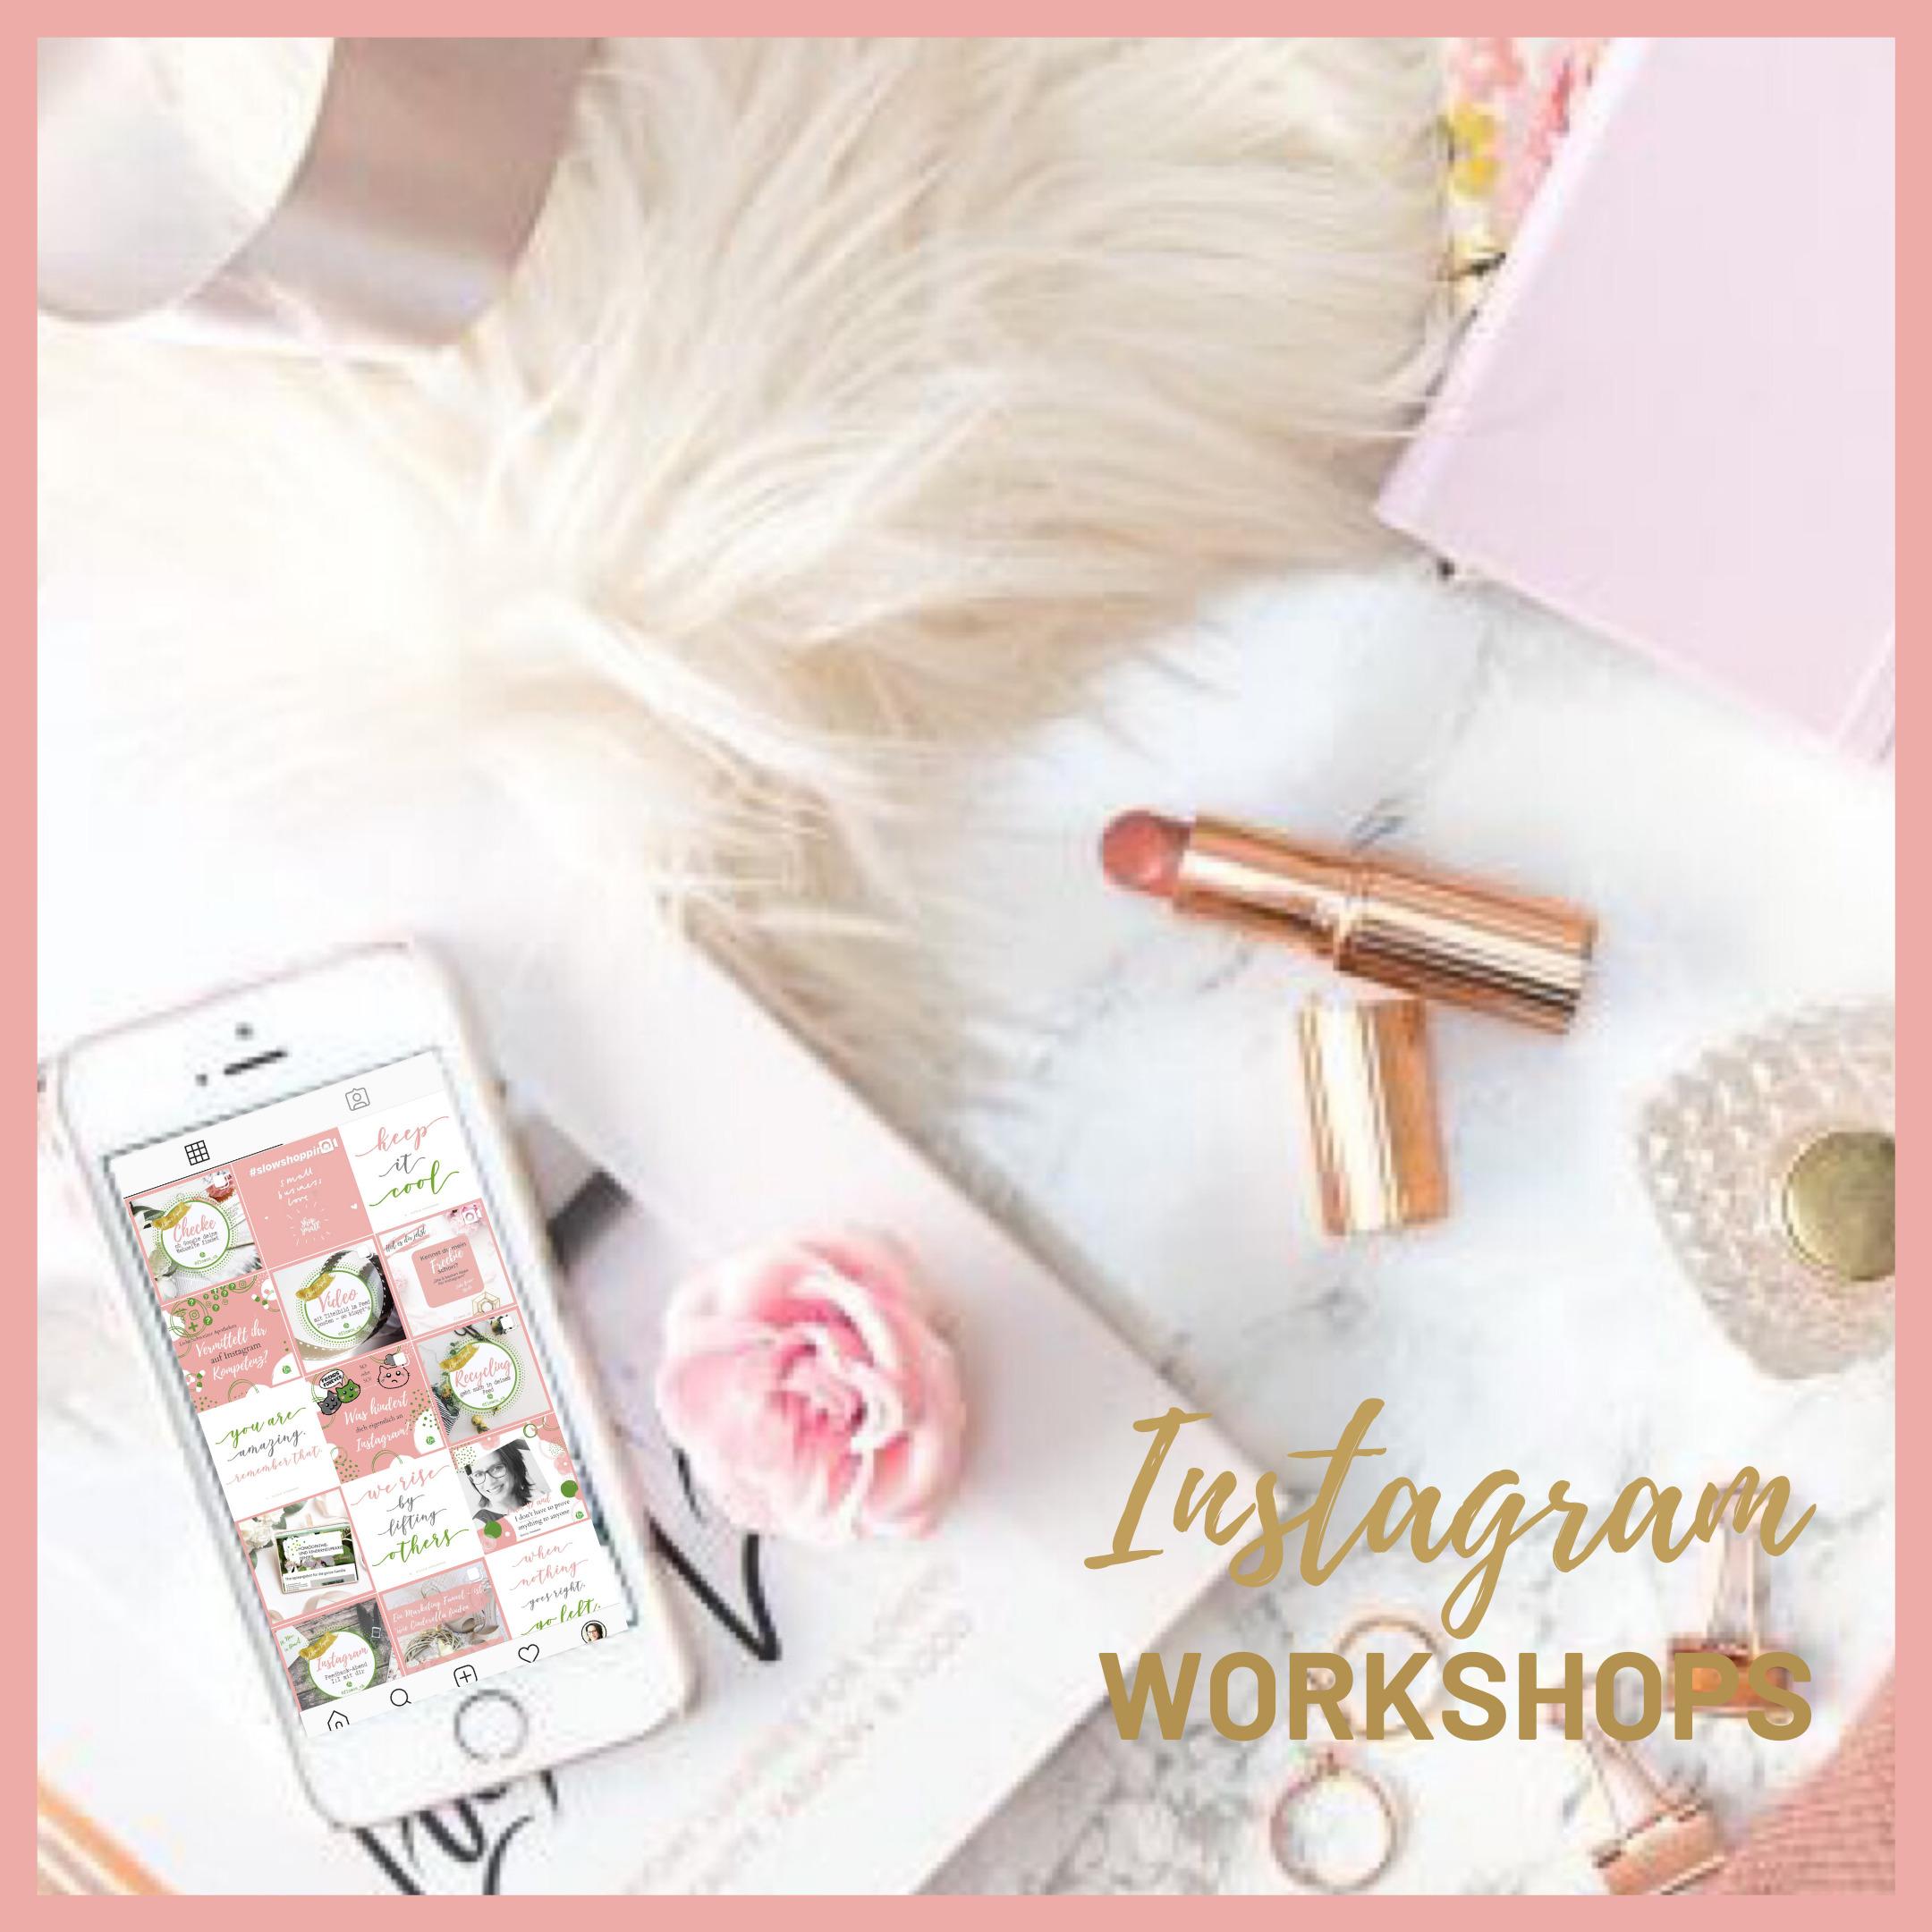 Instagram Workshop von FlowOn Marketing für Selbstständige und KMU im Raum Zürich. Werde sichtbar für Deine Kunden auf dem Social Media Kanal.